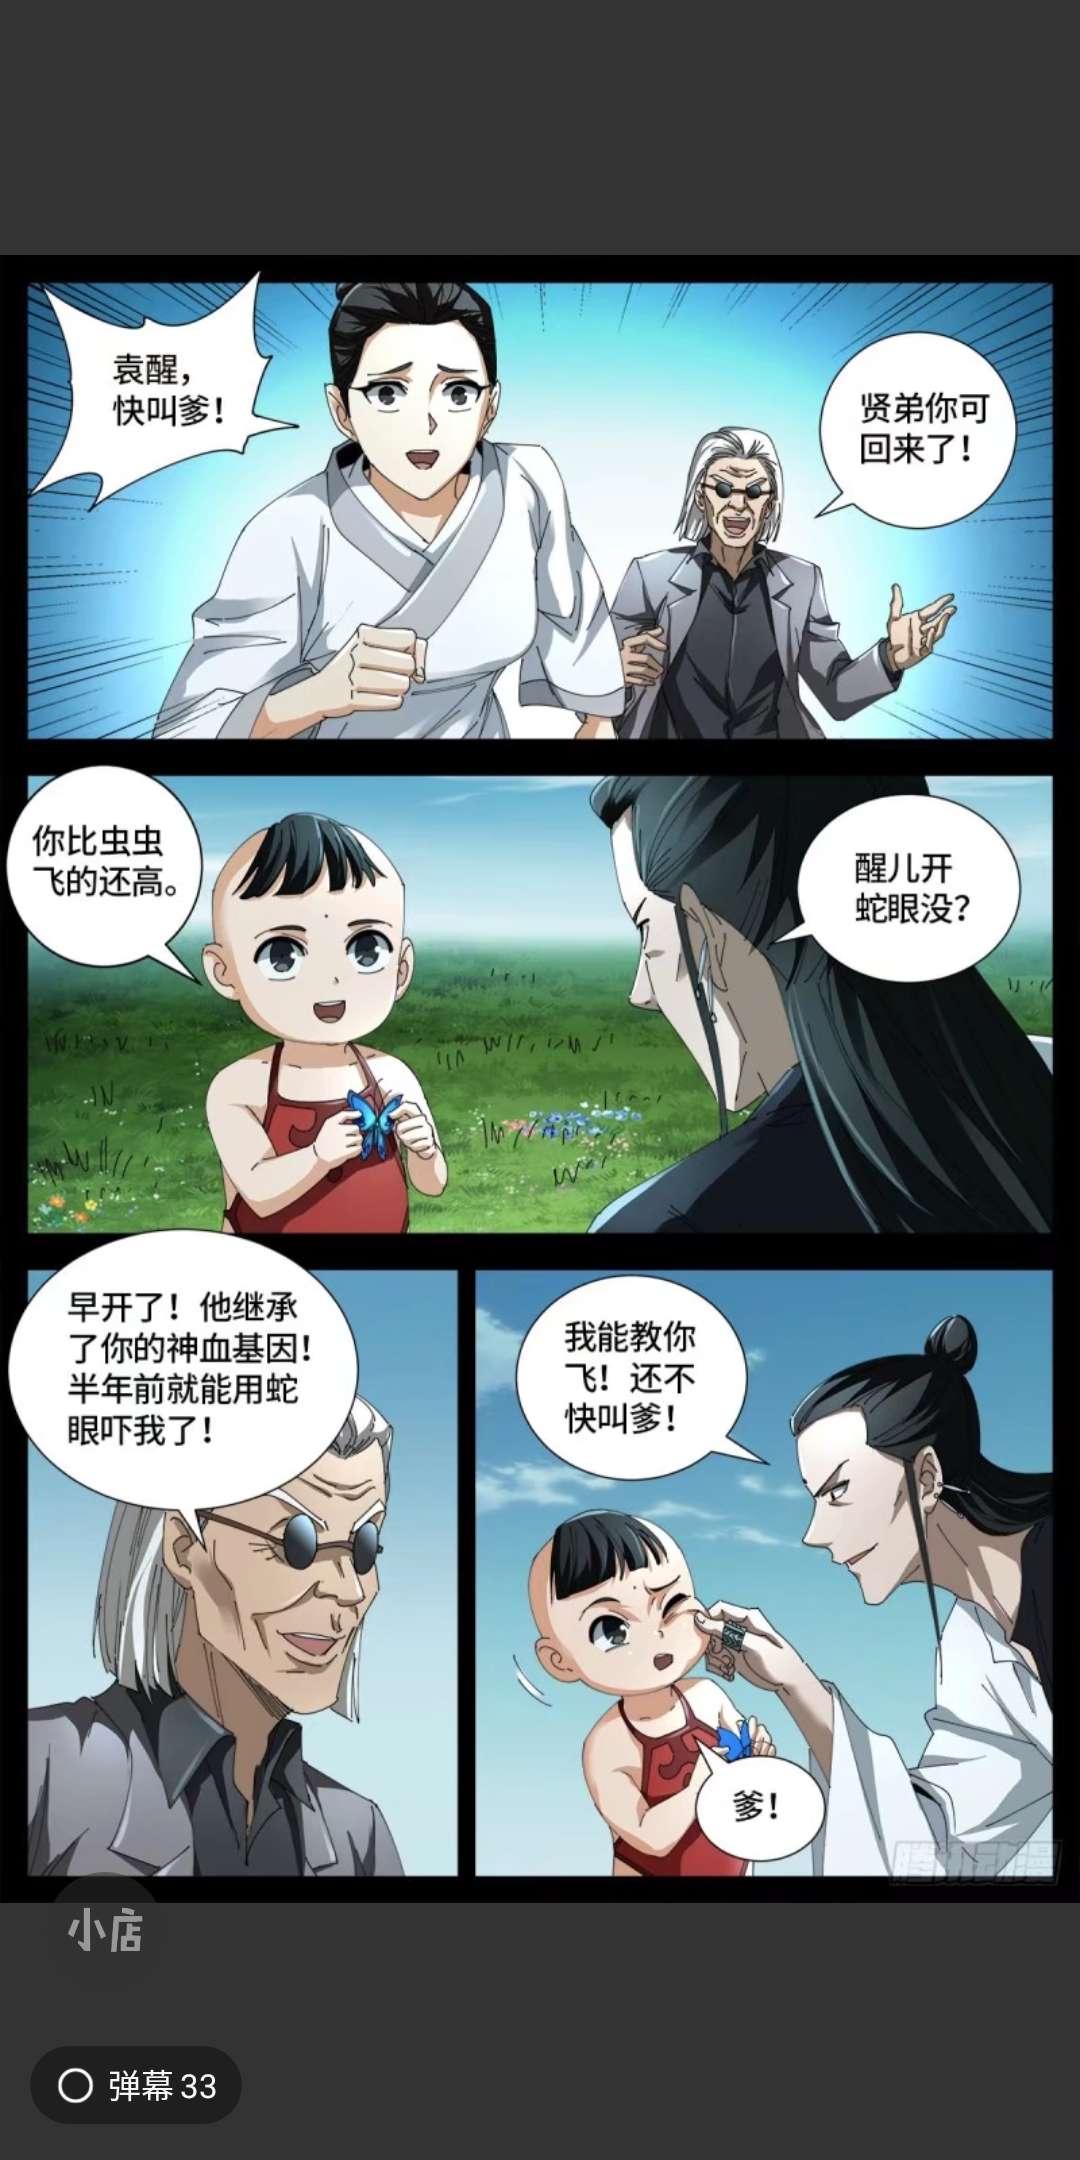 【漫画更新】血魔人667~668